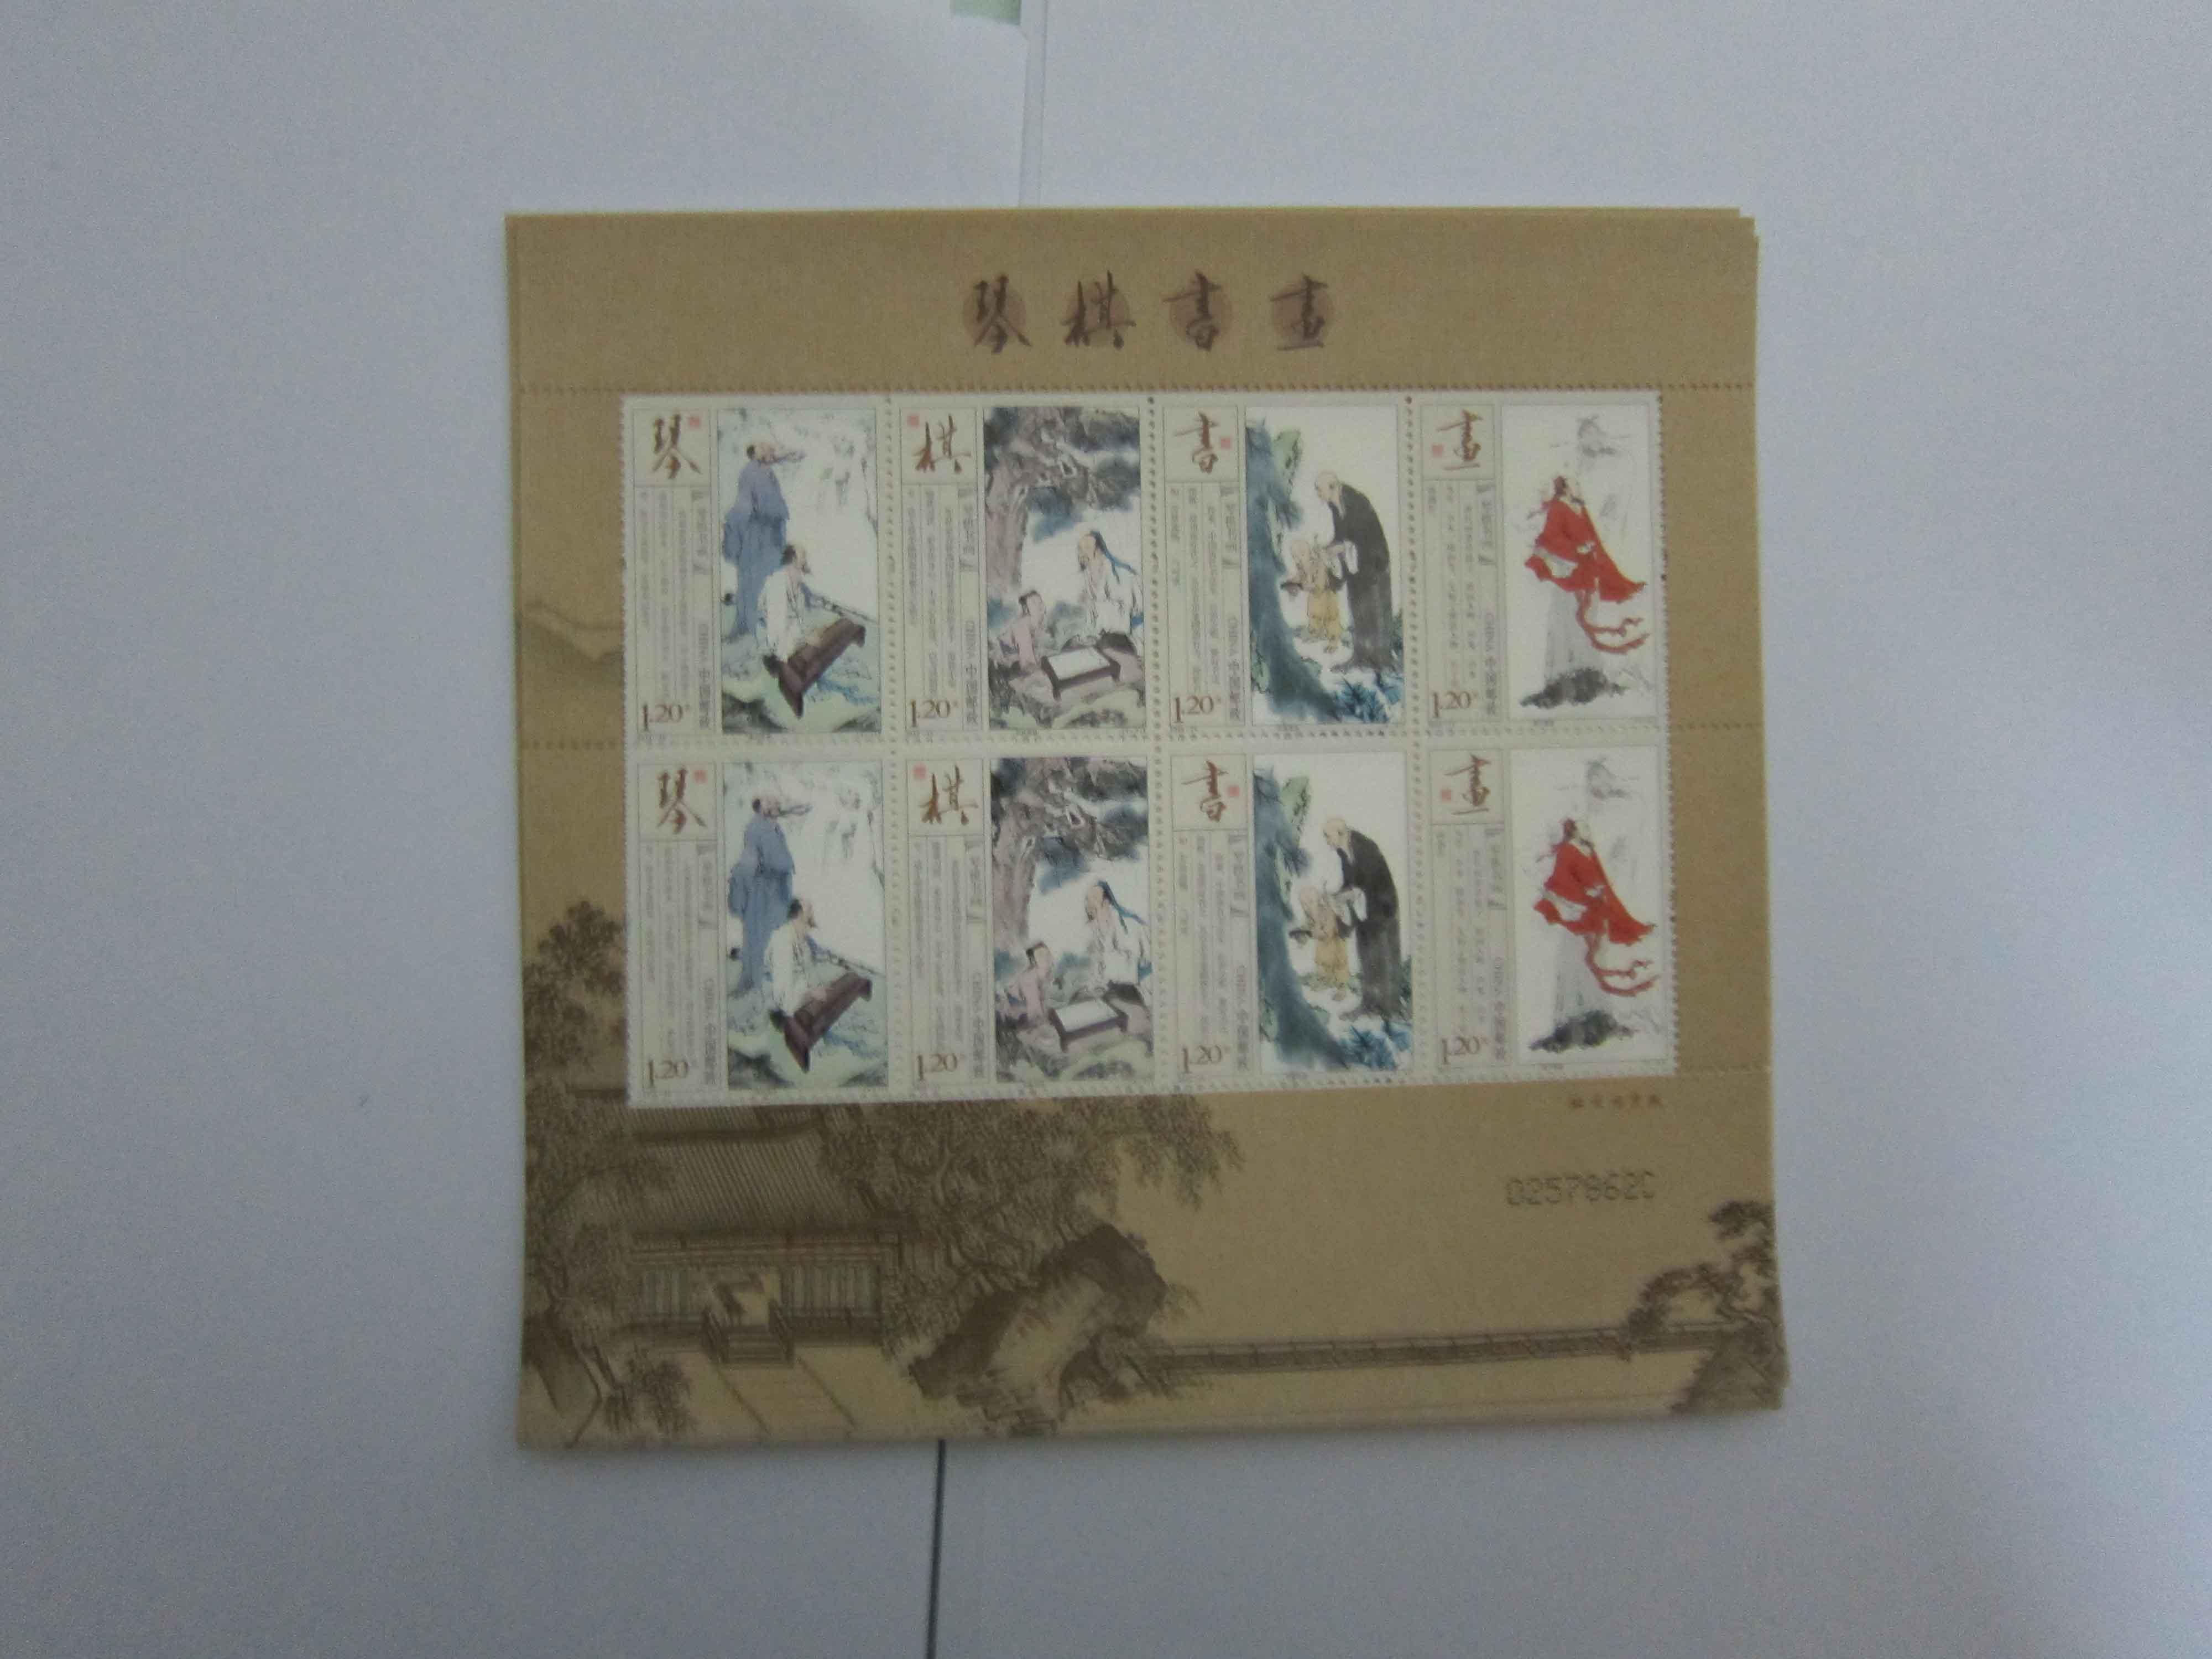 琴棋书画小版5个,每版23元图片